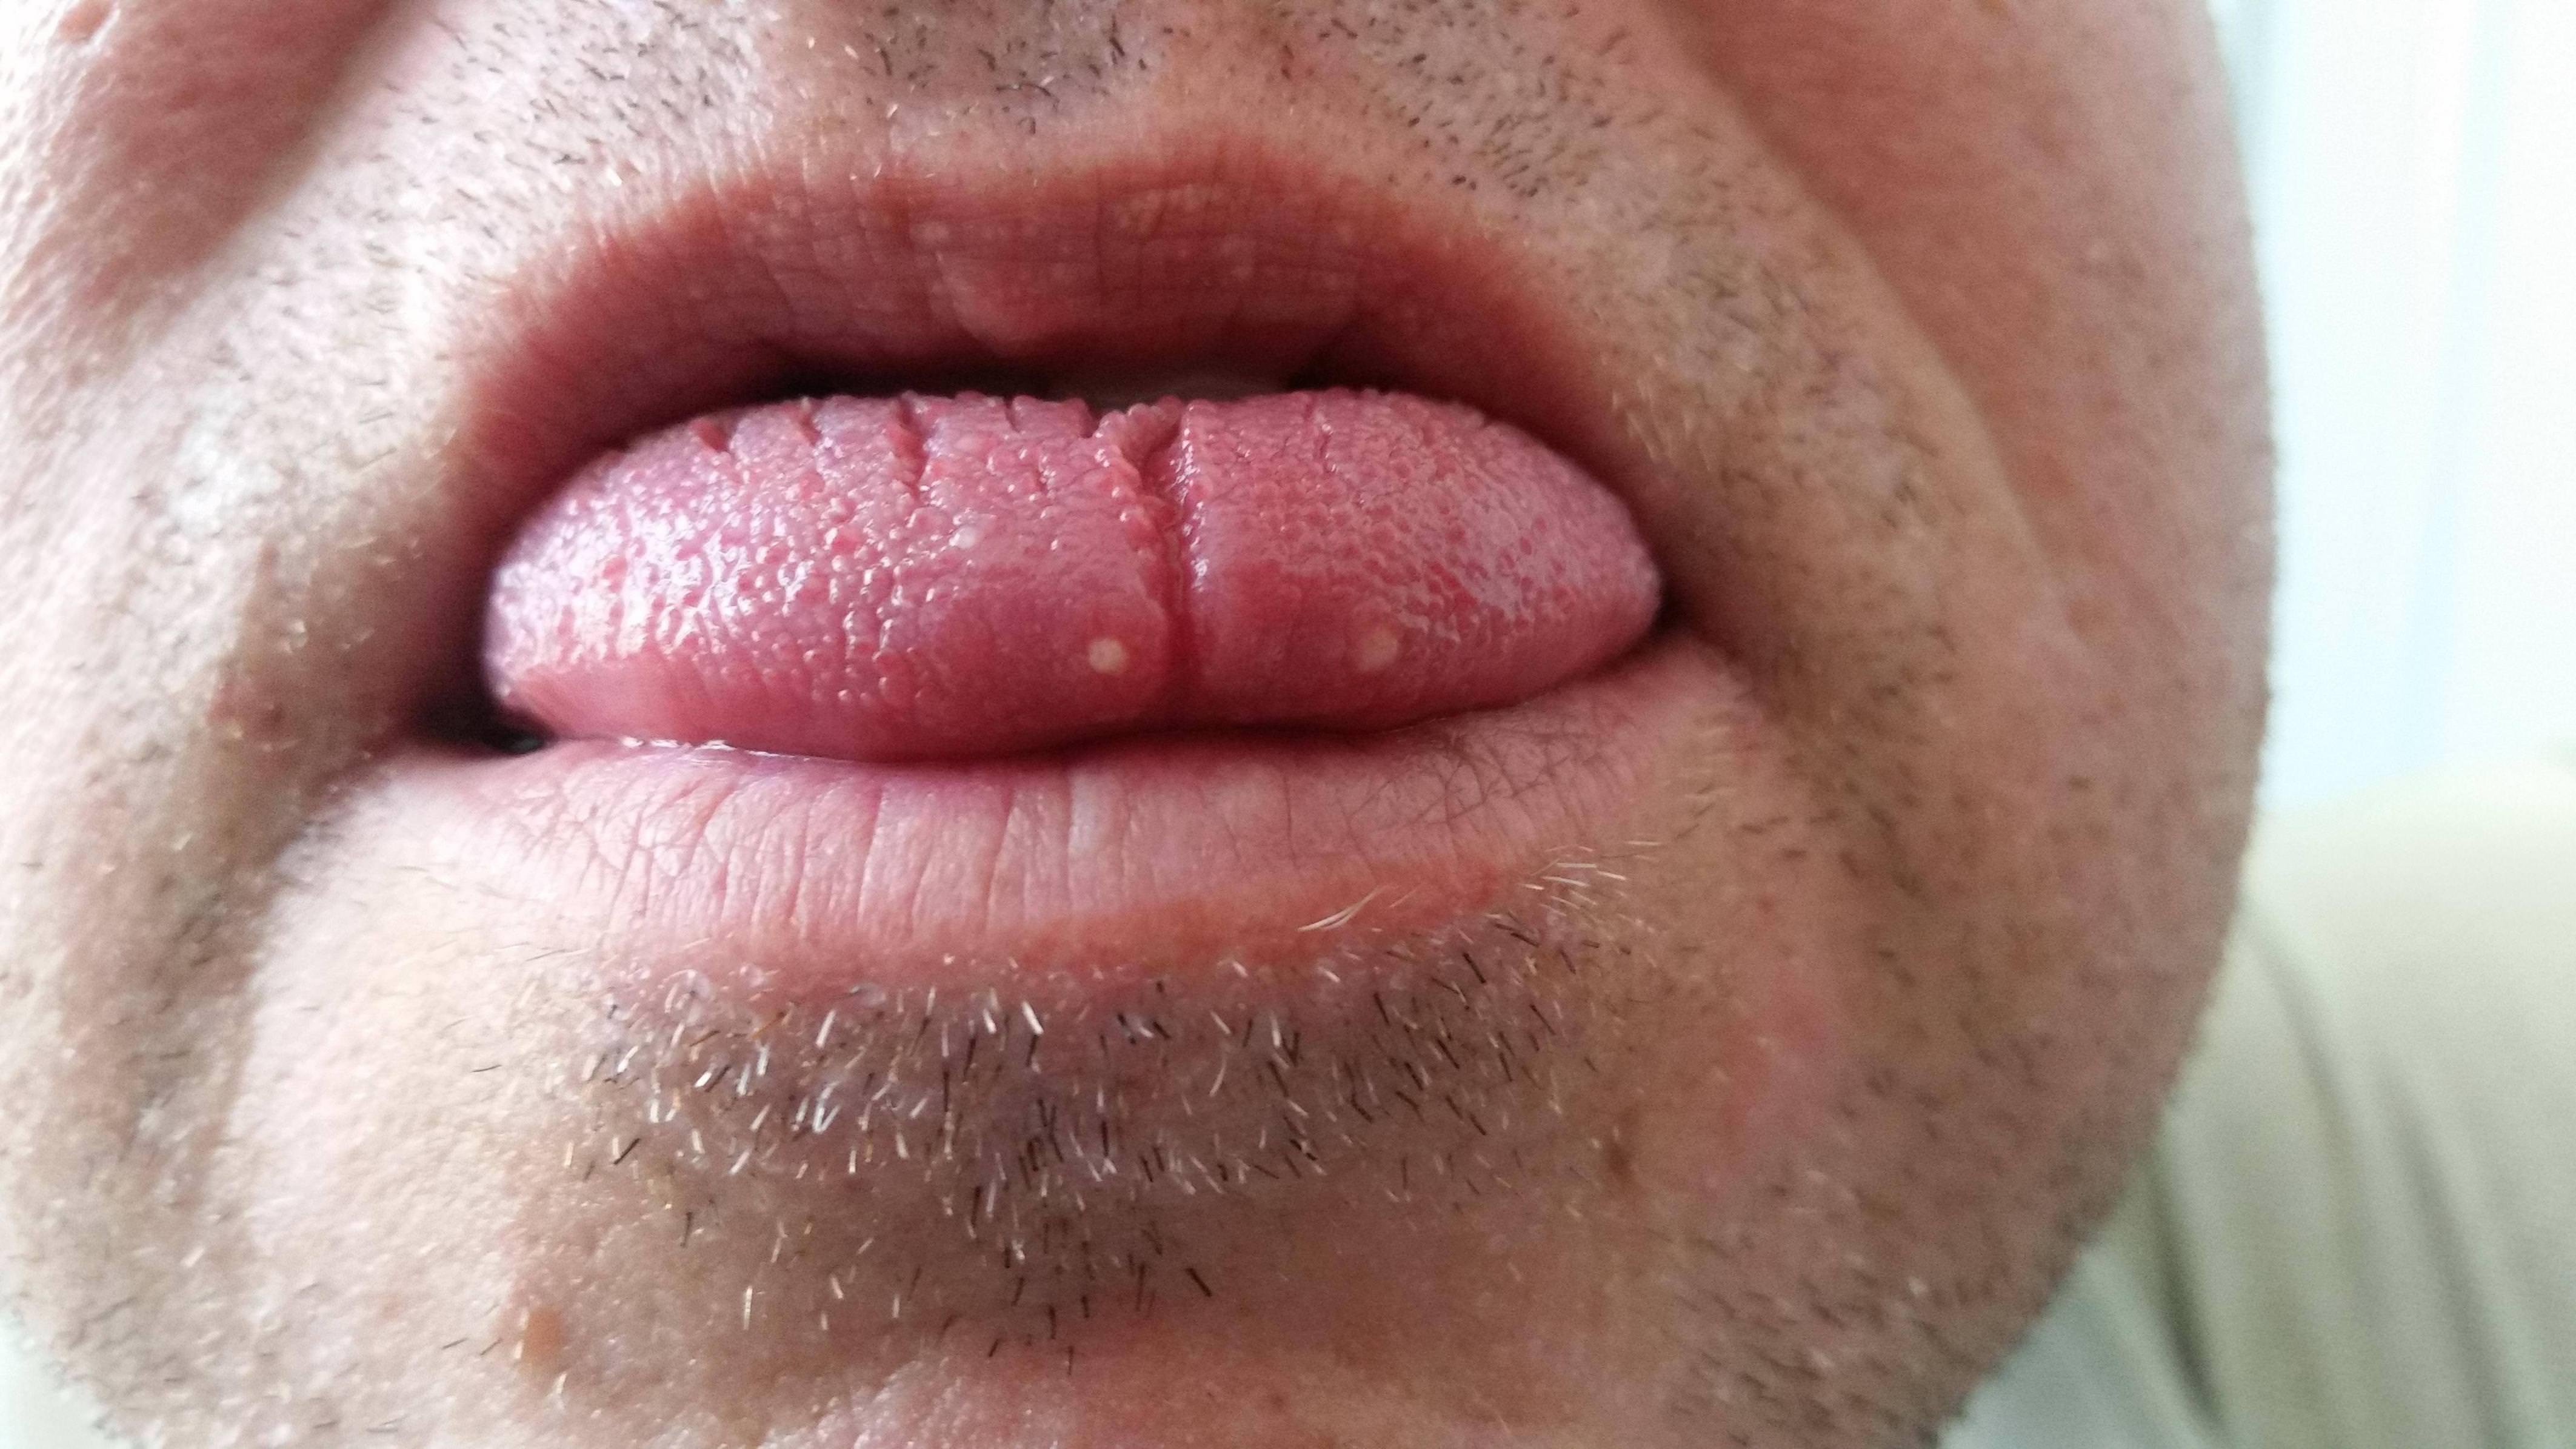 wart tongue bumps